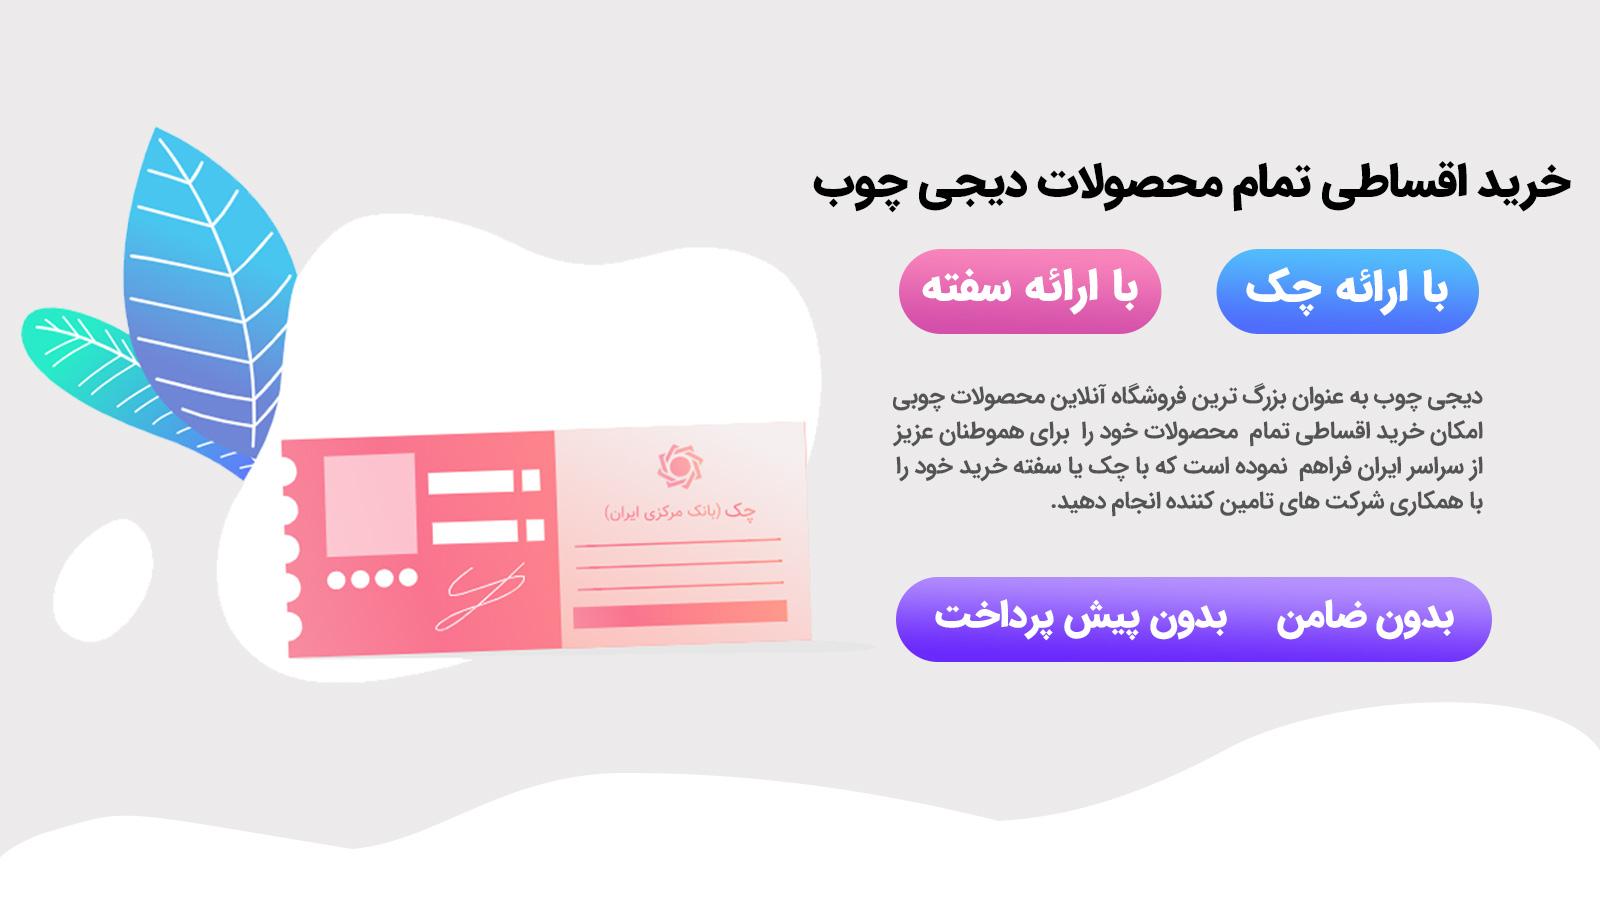 خرید اقساطی مبل یافت آباد بدون ضامن